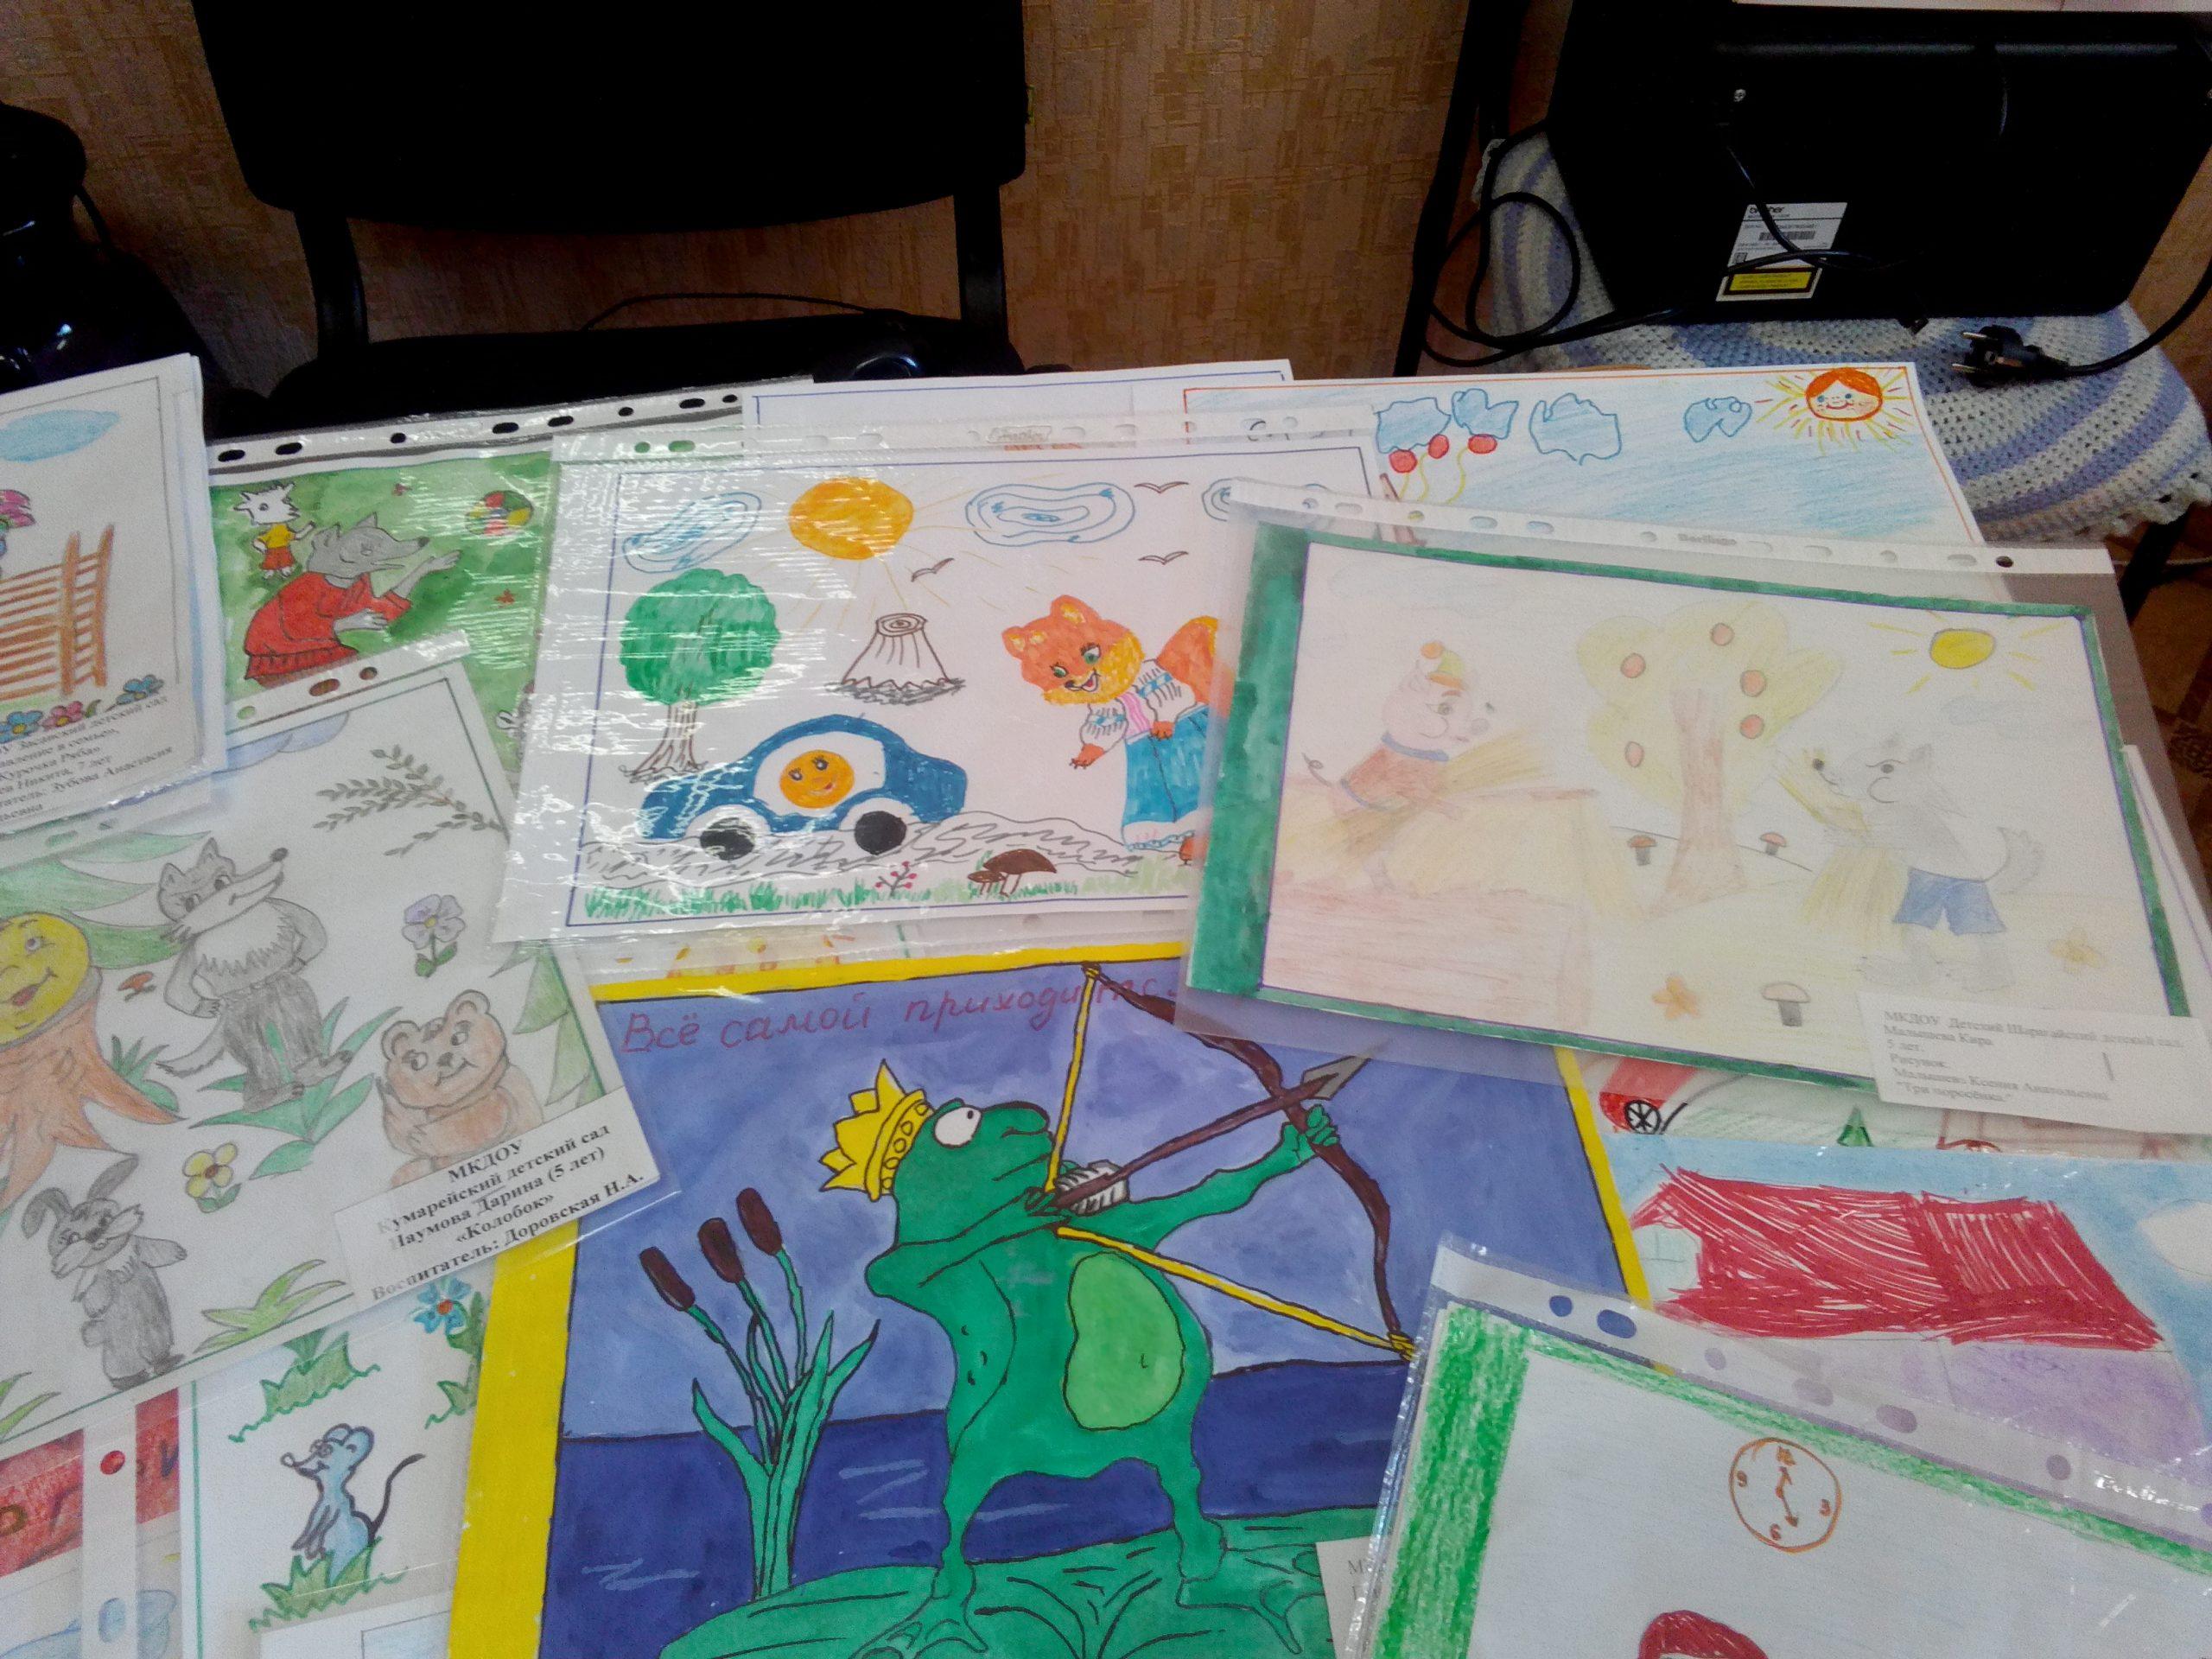 Районный конкурс рисунков среди детей старшего дошкольного возраста «Старая сказка с новым концом»